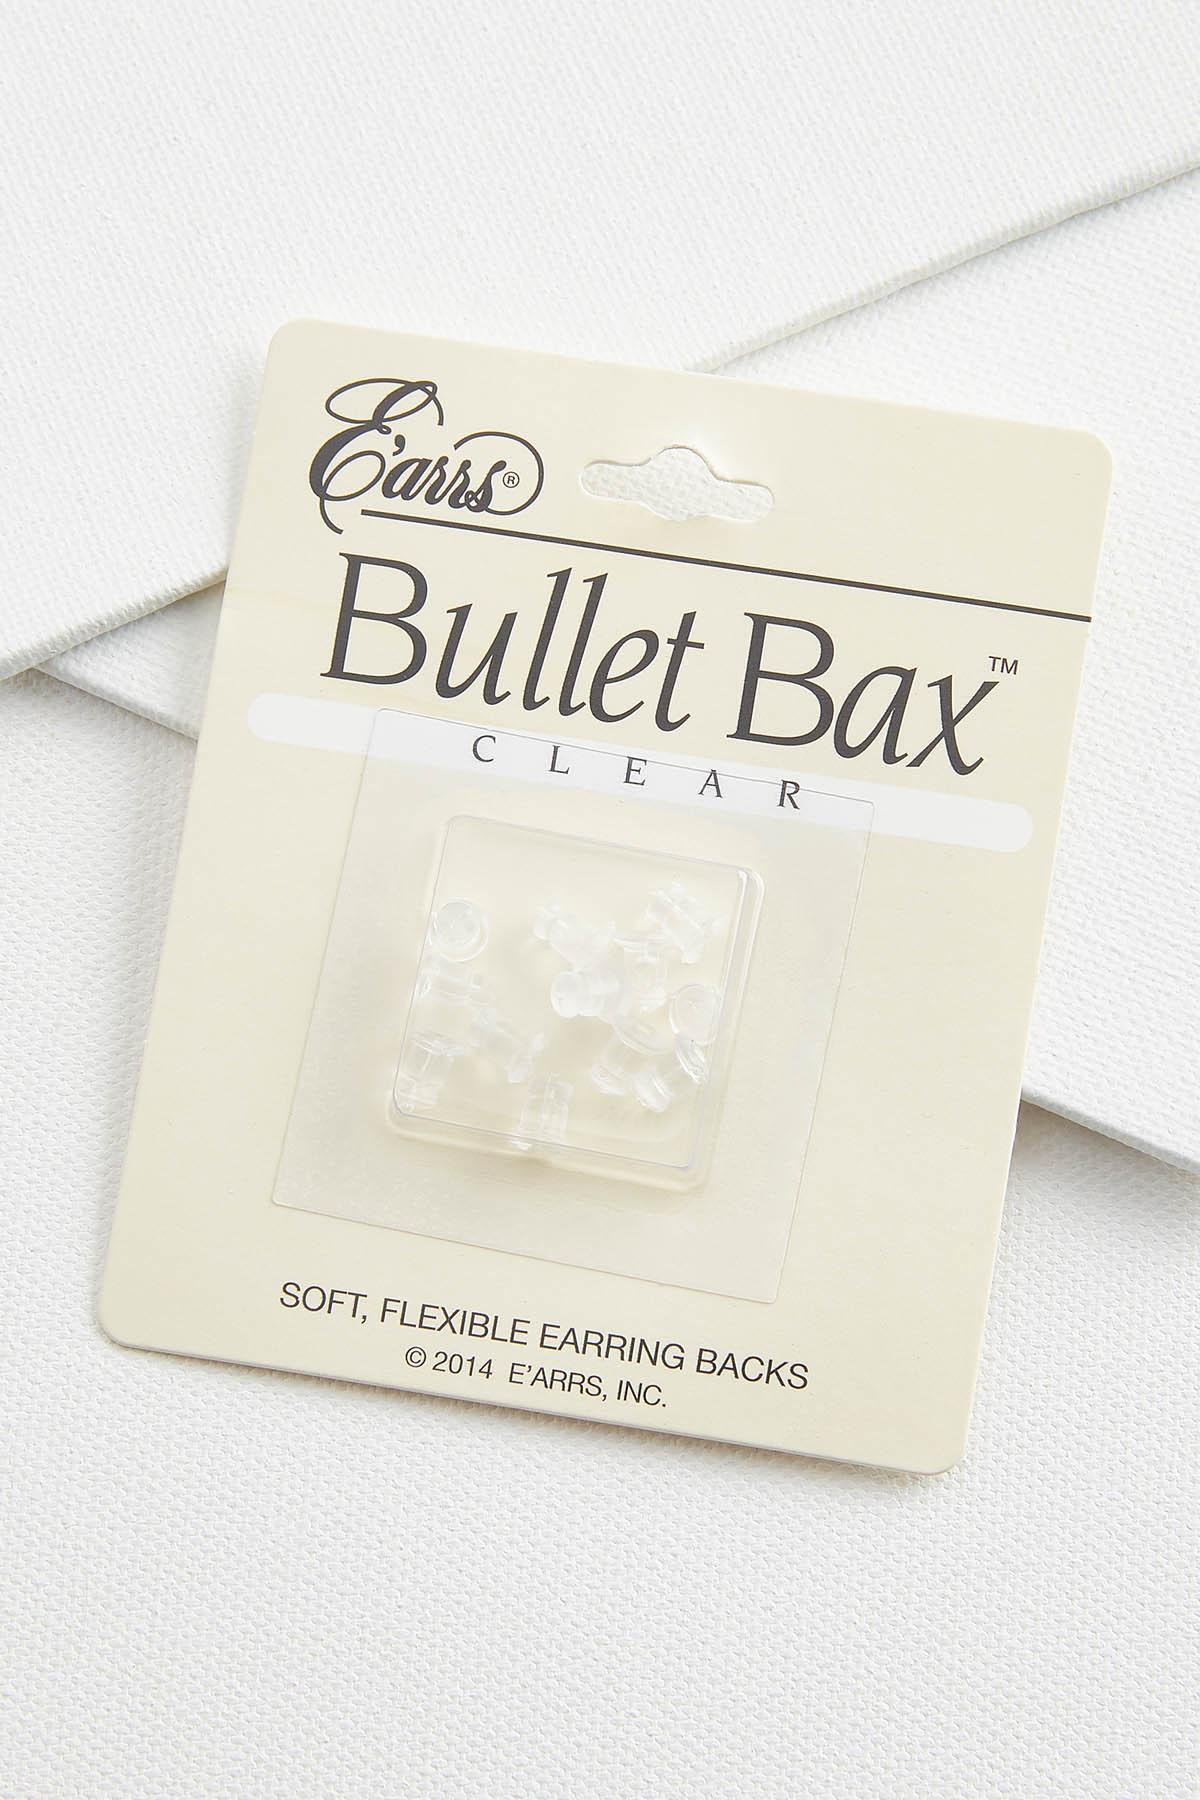 Clear Earring Backs